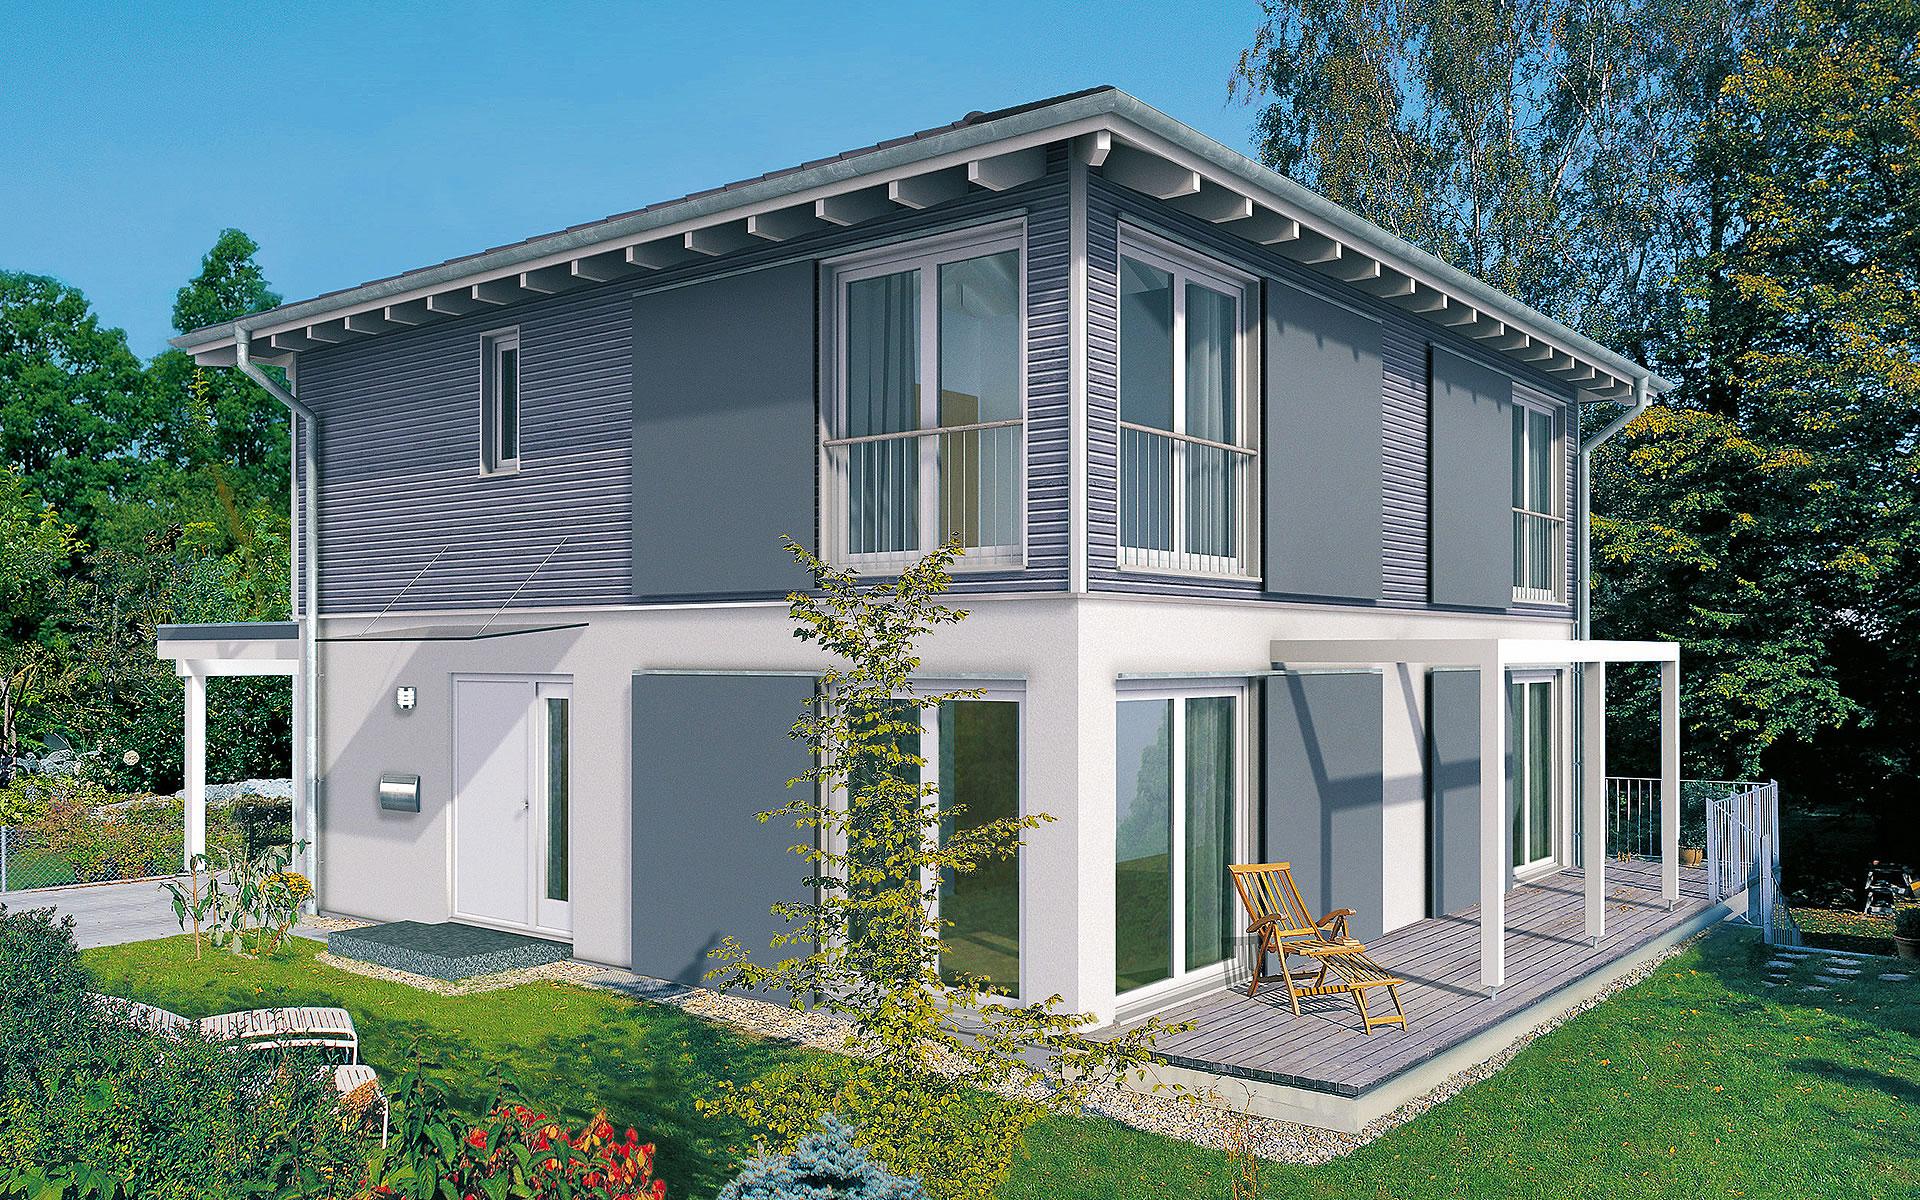 PlanMit: Stadthaus von Bau-Fritz GmbH & Co. KG, seit 1896